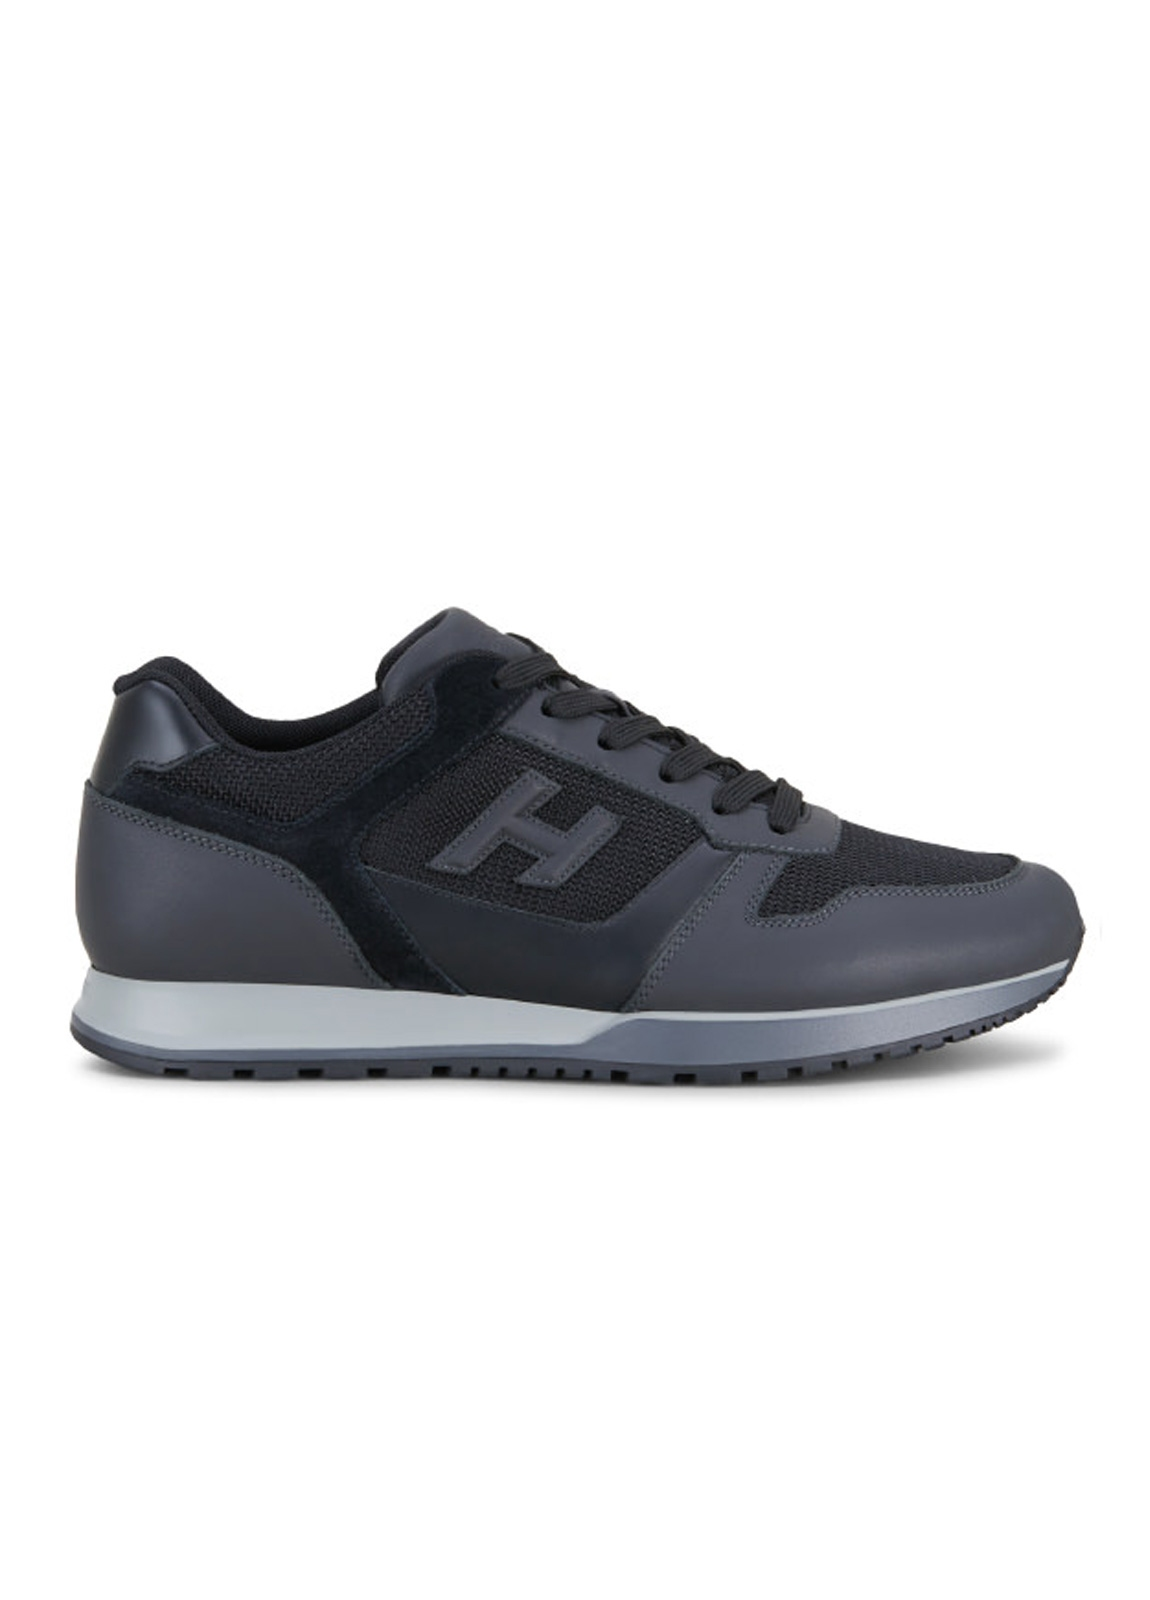 Calzado sport SNEAKER H-321 color negro. Combinación de piel, ante y tejido técnico.